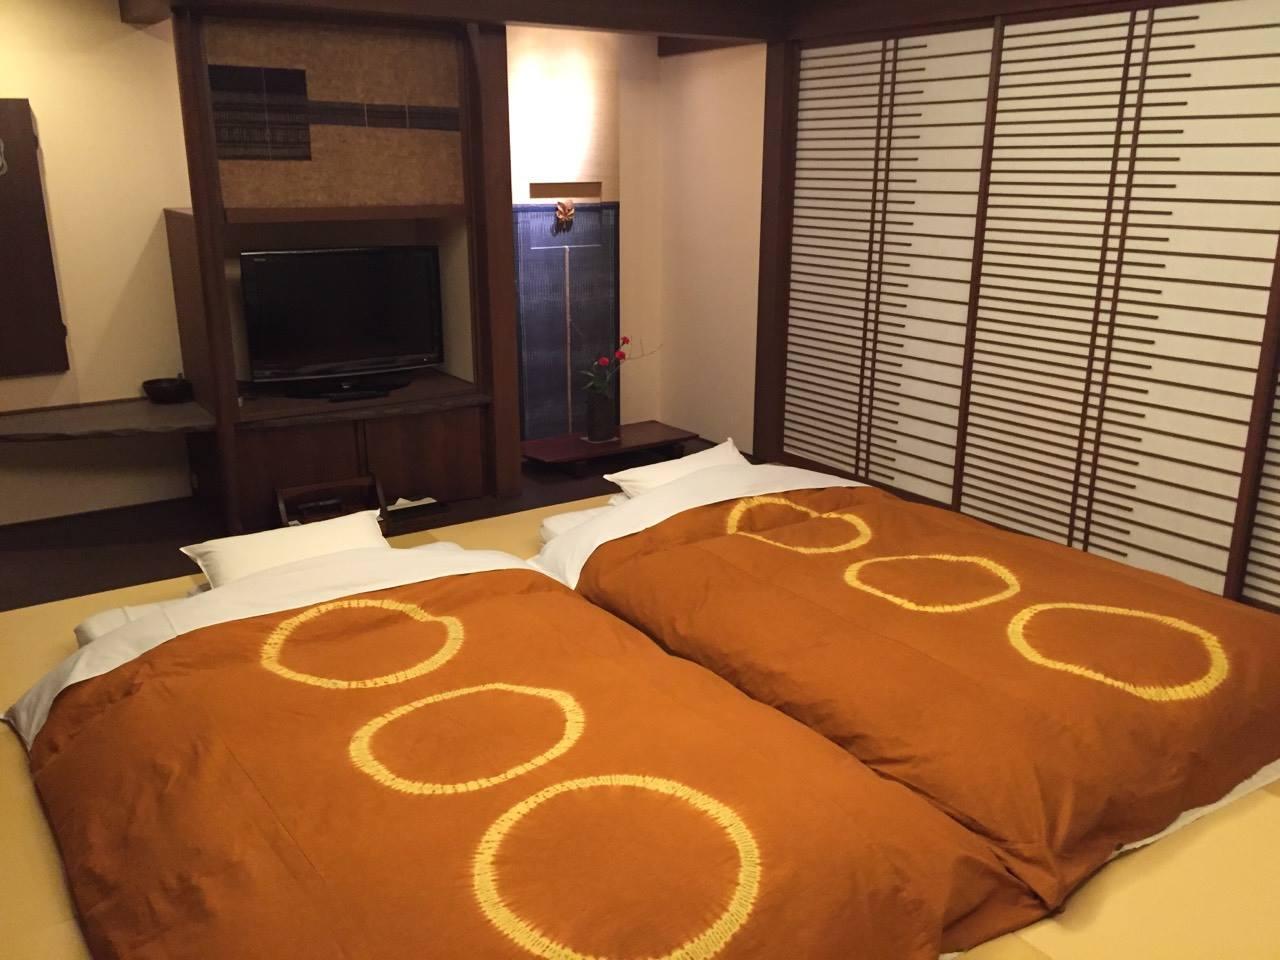 阿寒鶴雅別莊鄙之座房間的床